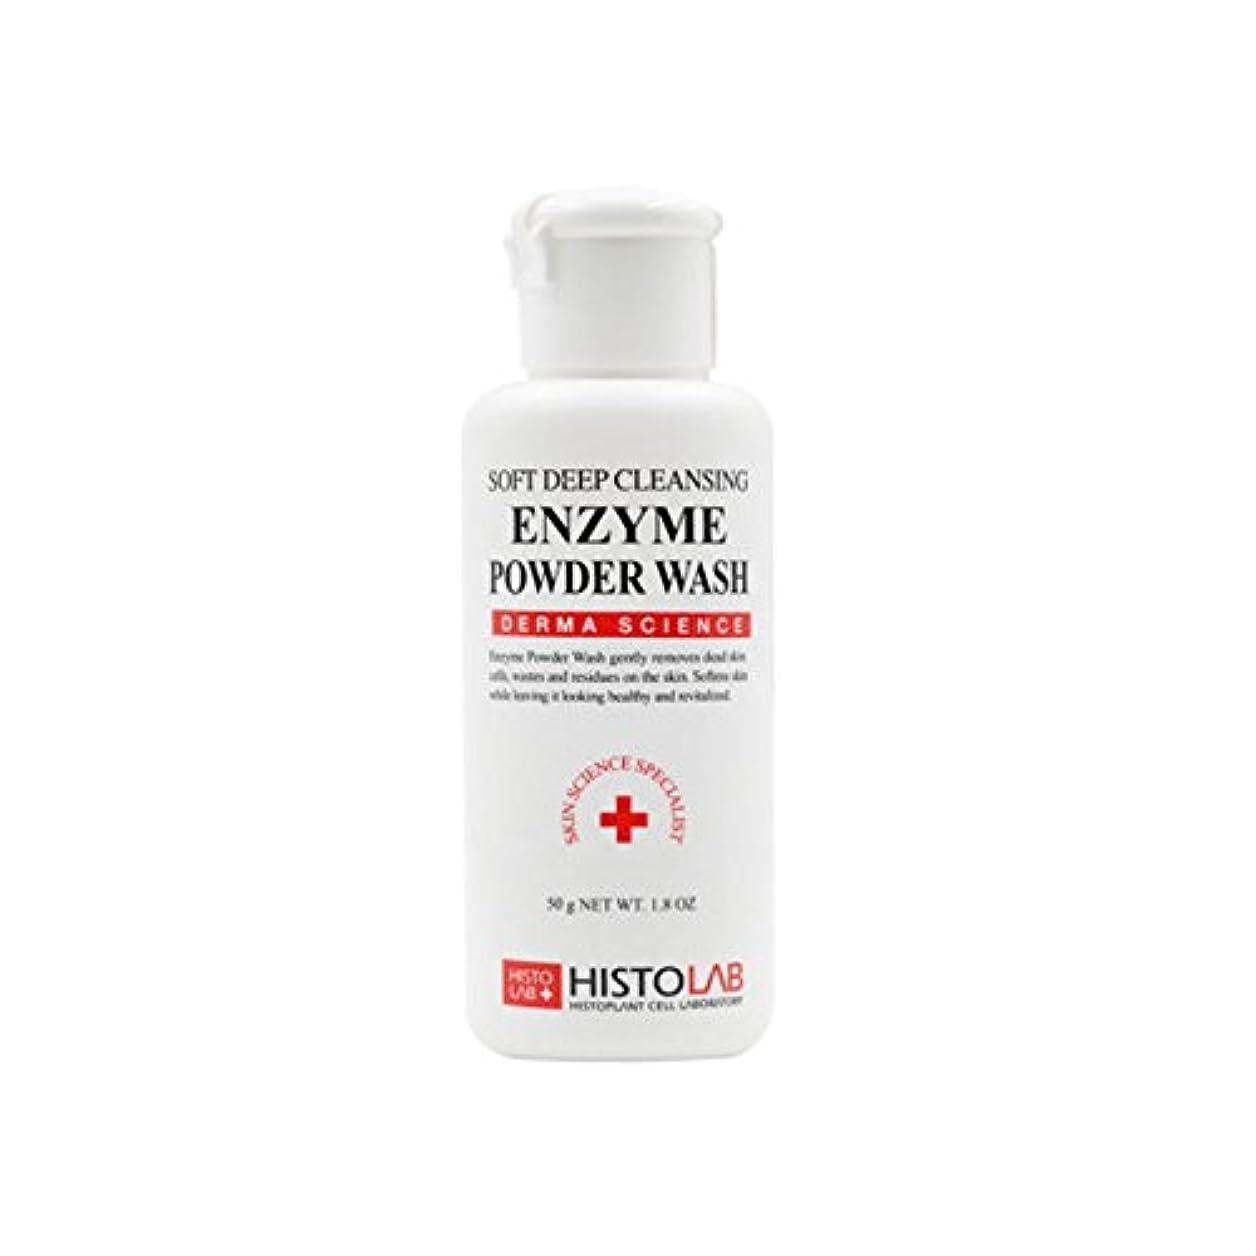 故意にむしゃむしゃ挨拶する[Histolab][韓国コスメ]ソフトディープクレンジング酵素粉末洗浄50g/Soft Deep Cleansing Enzyme Powder Wash無料サンプル(Laneige or Innisfee)